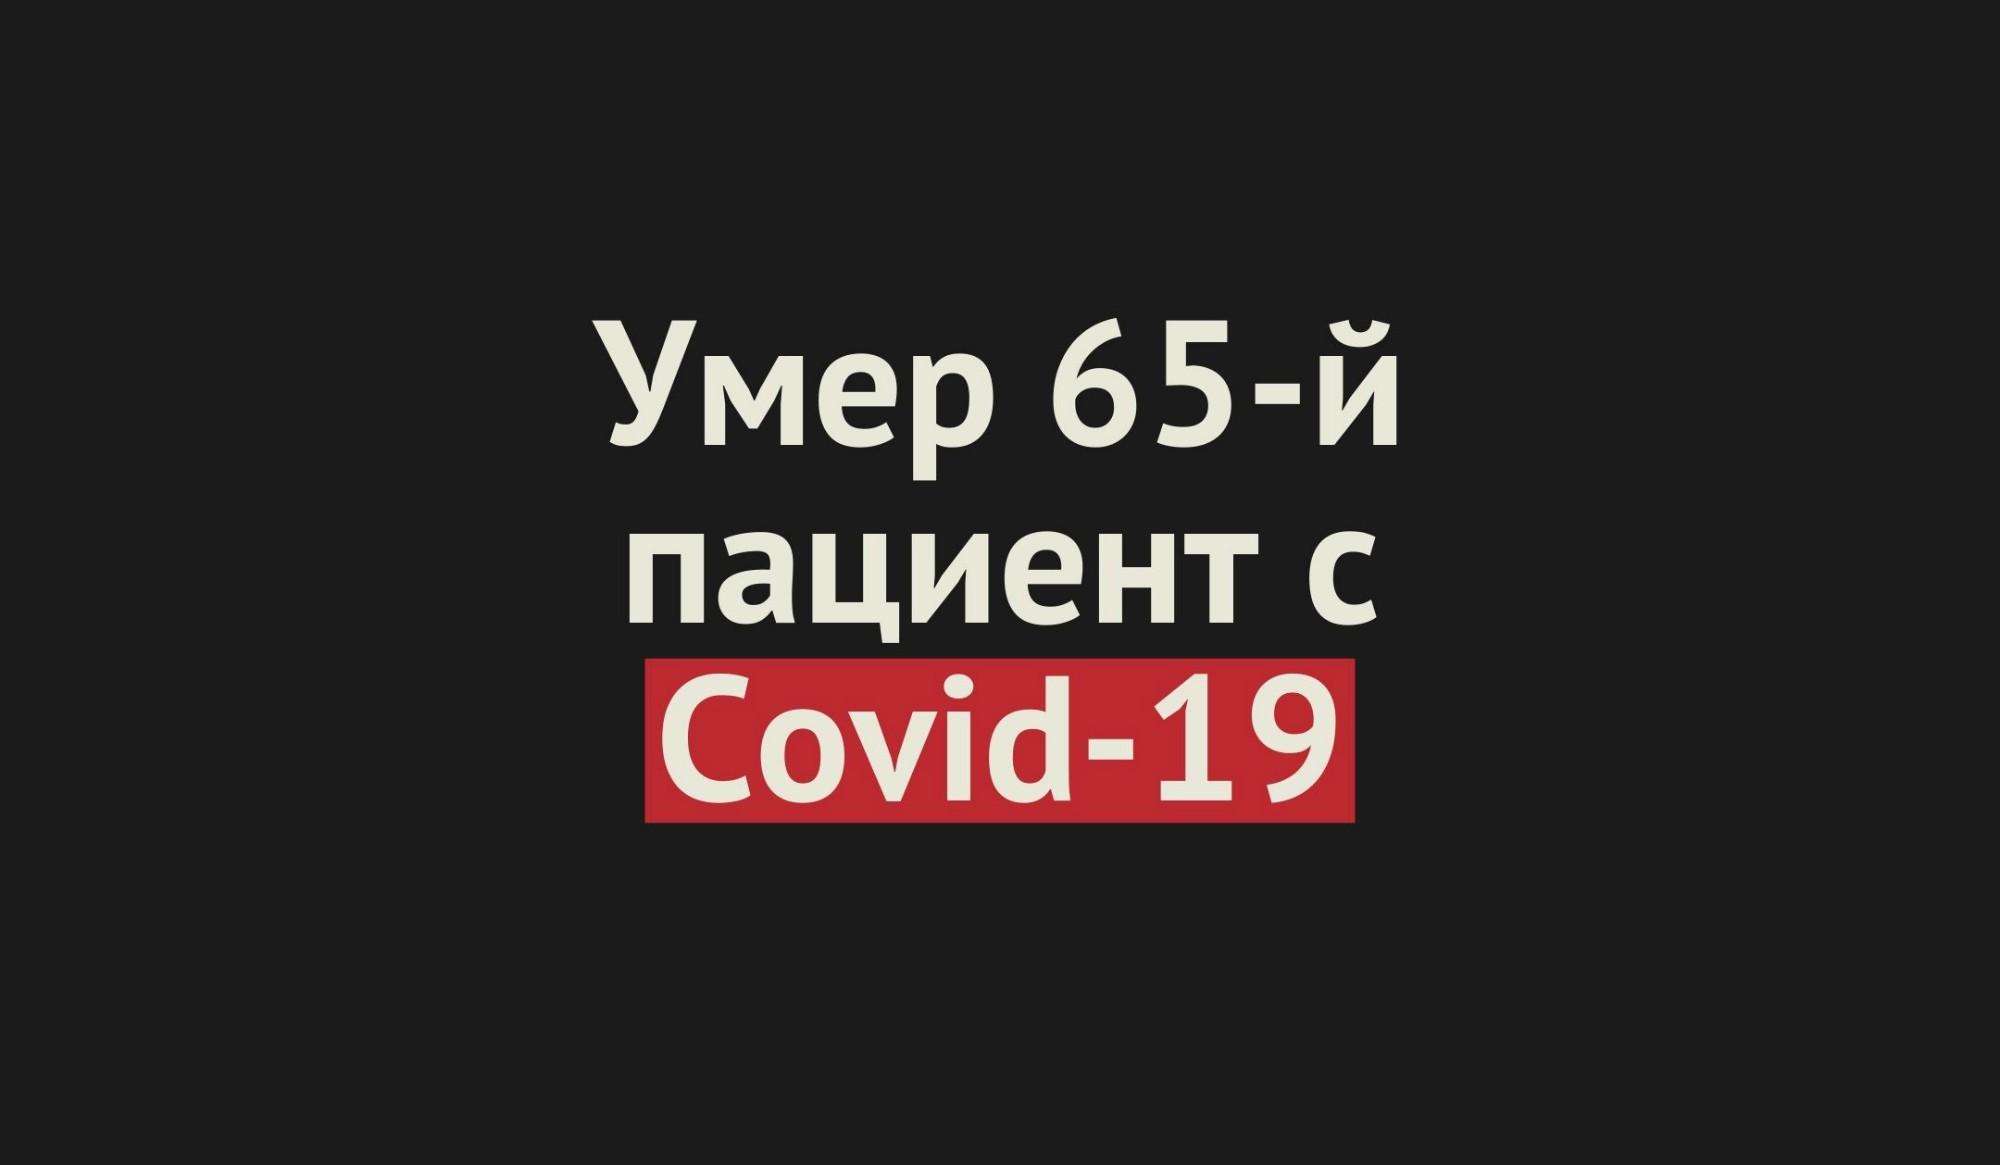 Умер 65-й пациент с Covid-19 в Оренбургской области